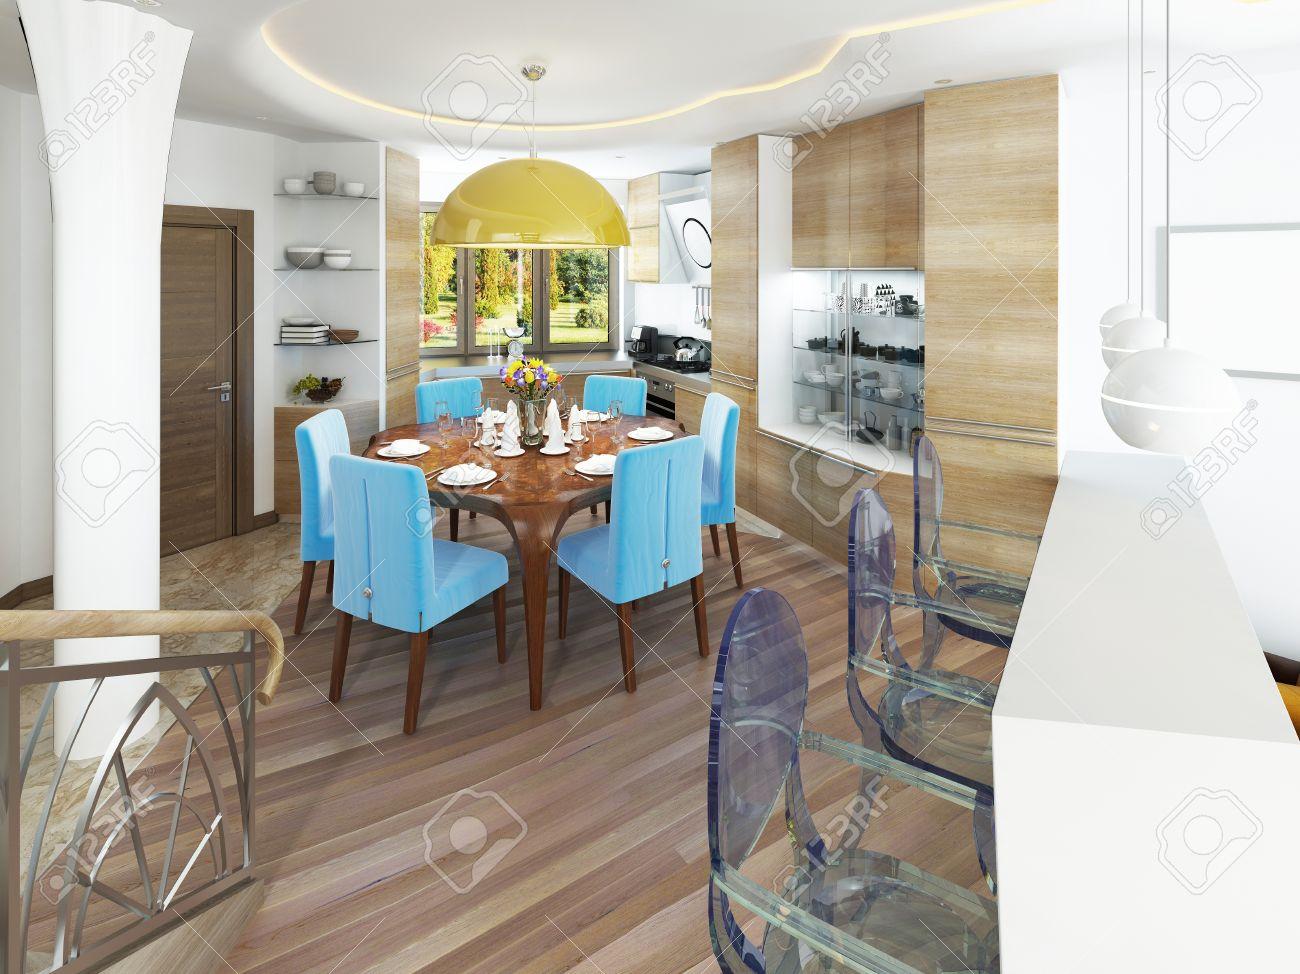 Moderne salle à manger avec cuisine dans un kitsch style branché. table  ronde avec des chaises bleues confortables. Et un grand lustre jaune sur la  ...